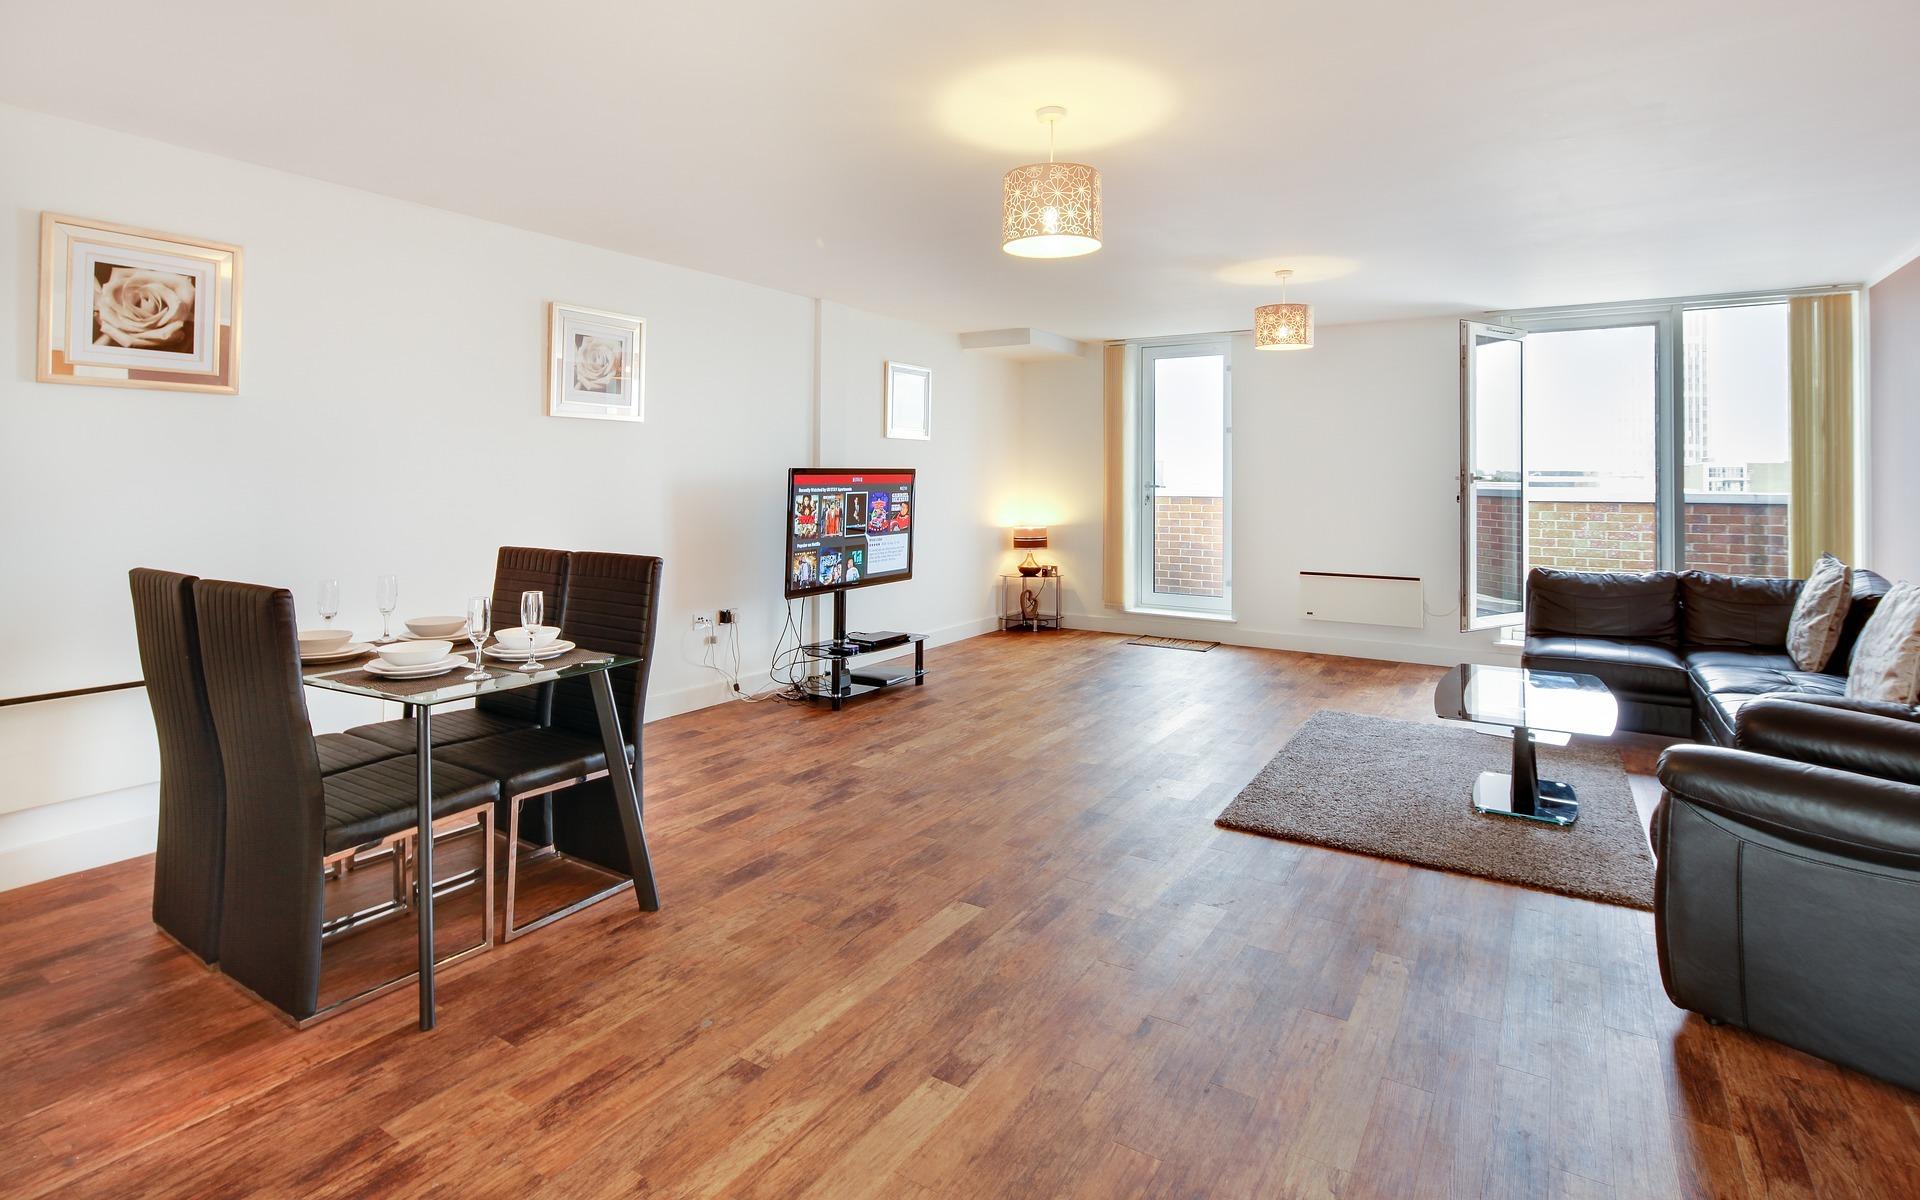 Home-Ex Immobilien Spezialmakler für Eigentumswohnungen